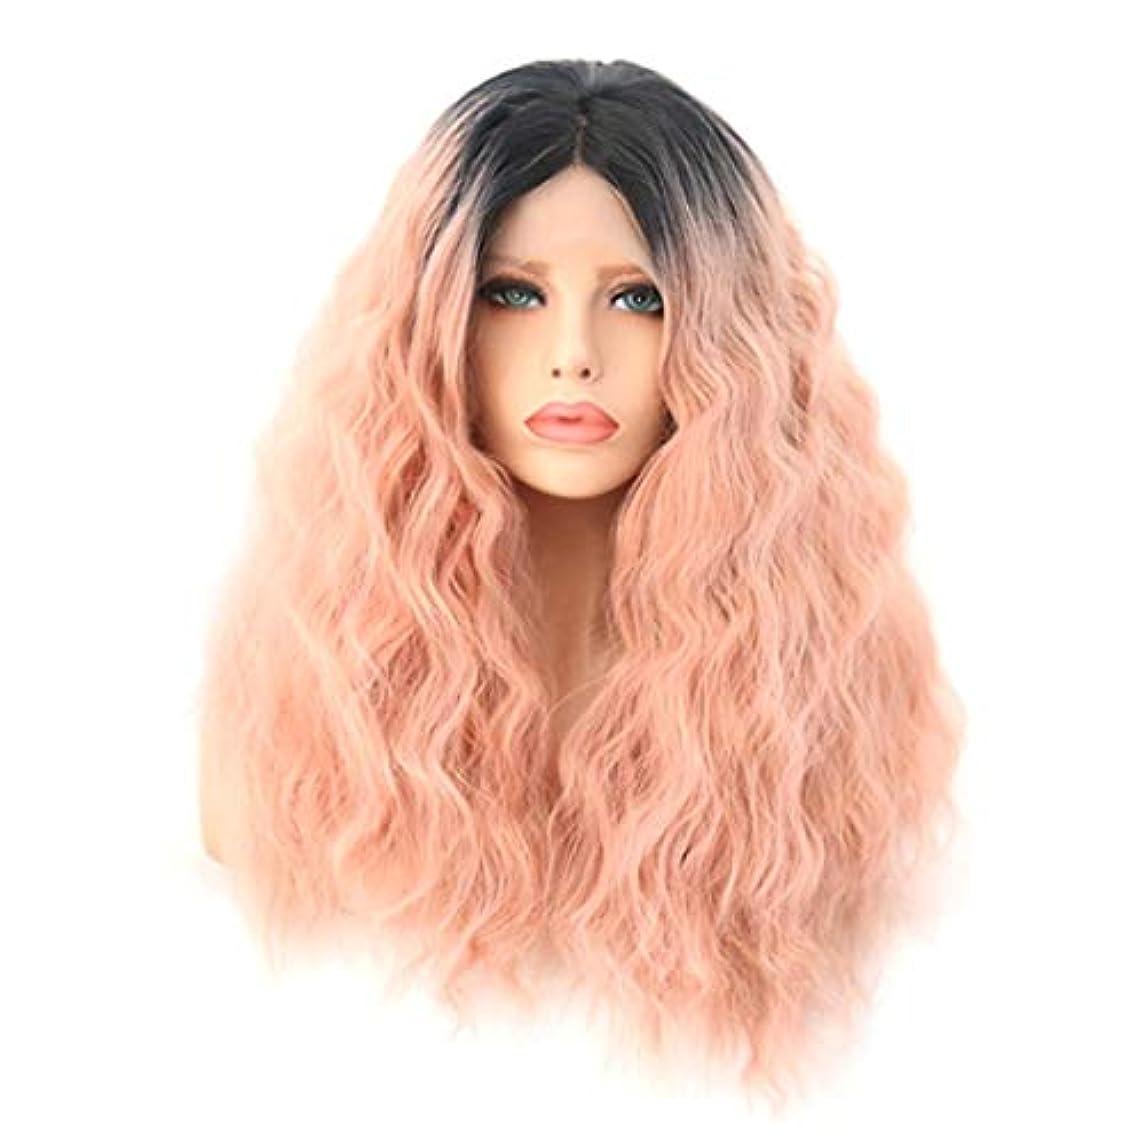 気楽な本質的ではないカメKerwinner 女性のための自然な探している前部レースの合成繊維の毛髪のかつらと長い巻き毛のかつらのかつらの代わりのかつら (Size : 18 inches)